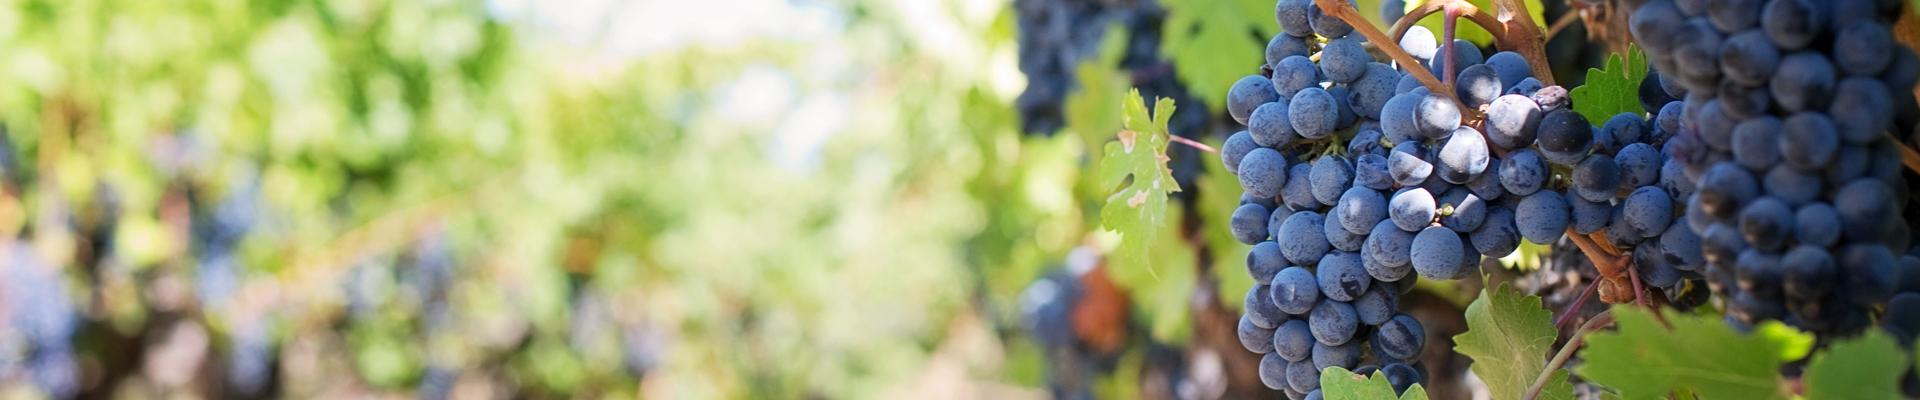 Weinkultur - Wein und Weinbau im Schmidatal